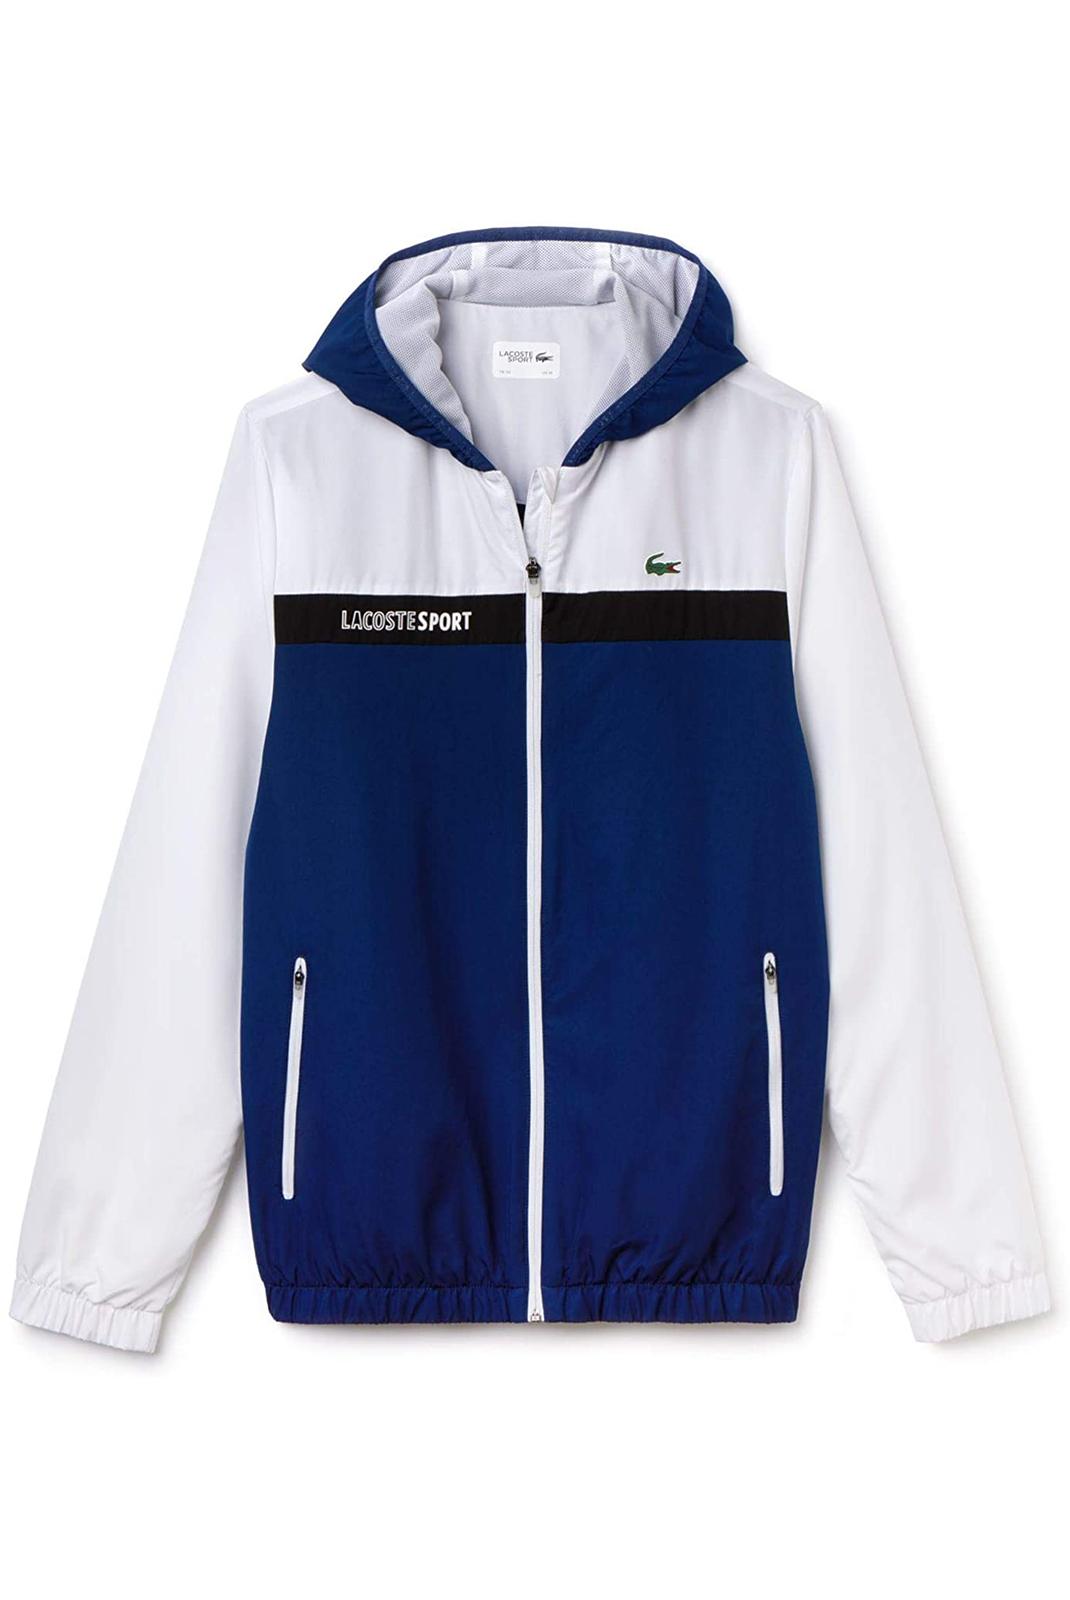 Lacoste BH9527 00CZ4 bleu - blanc